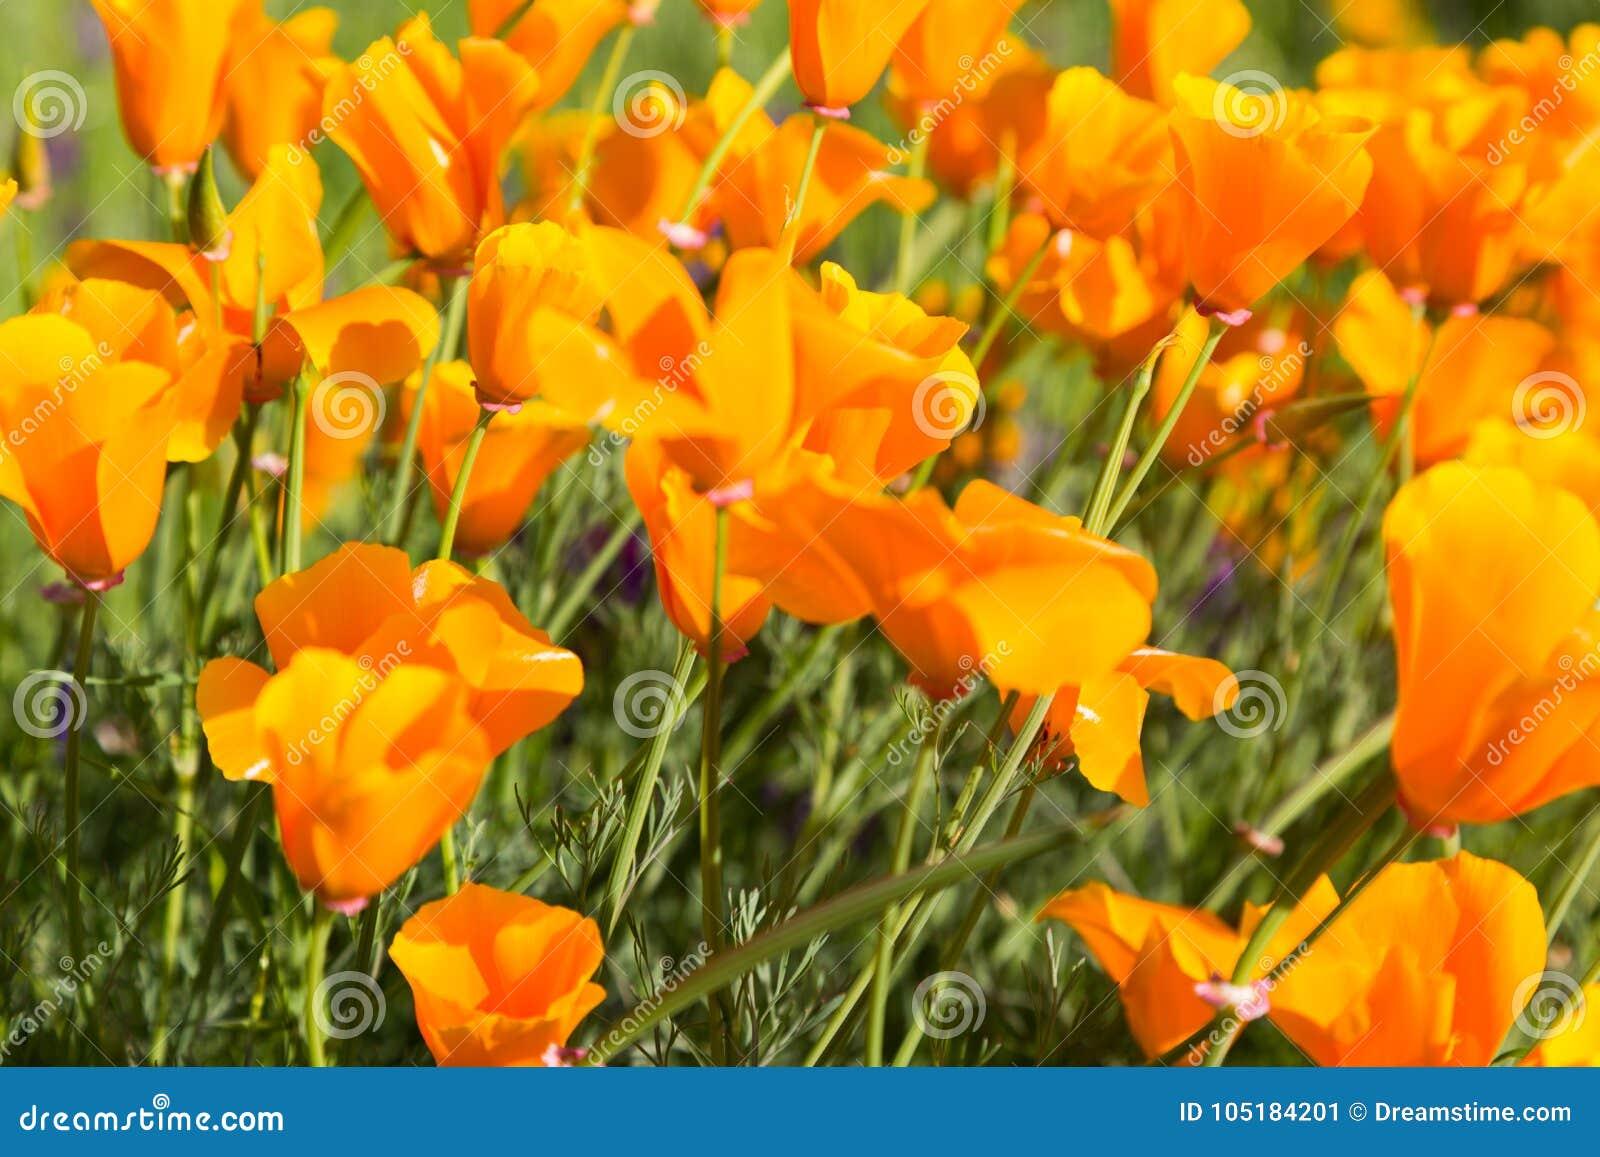 Παπαρούνες Καλιφόρνιας σε έναν τομέα με τα πορφυρά λουλούδια